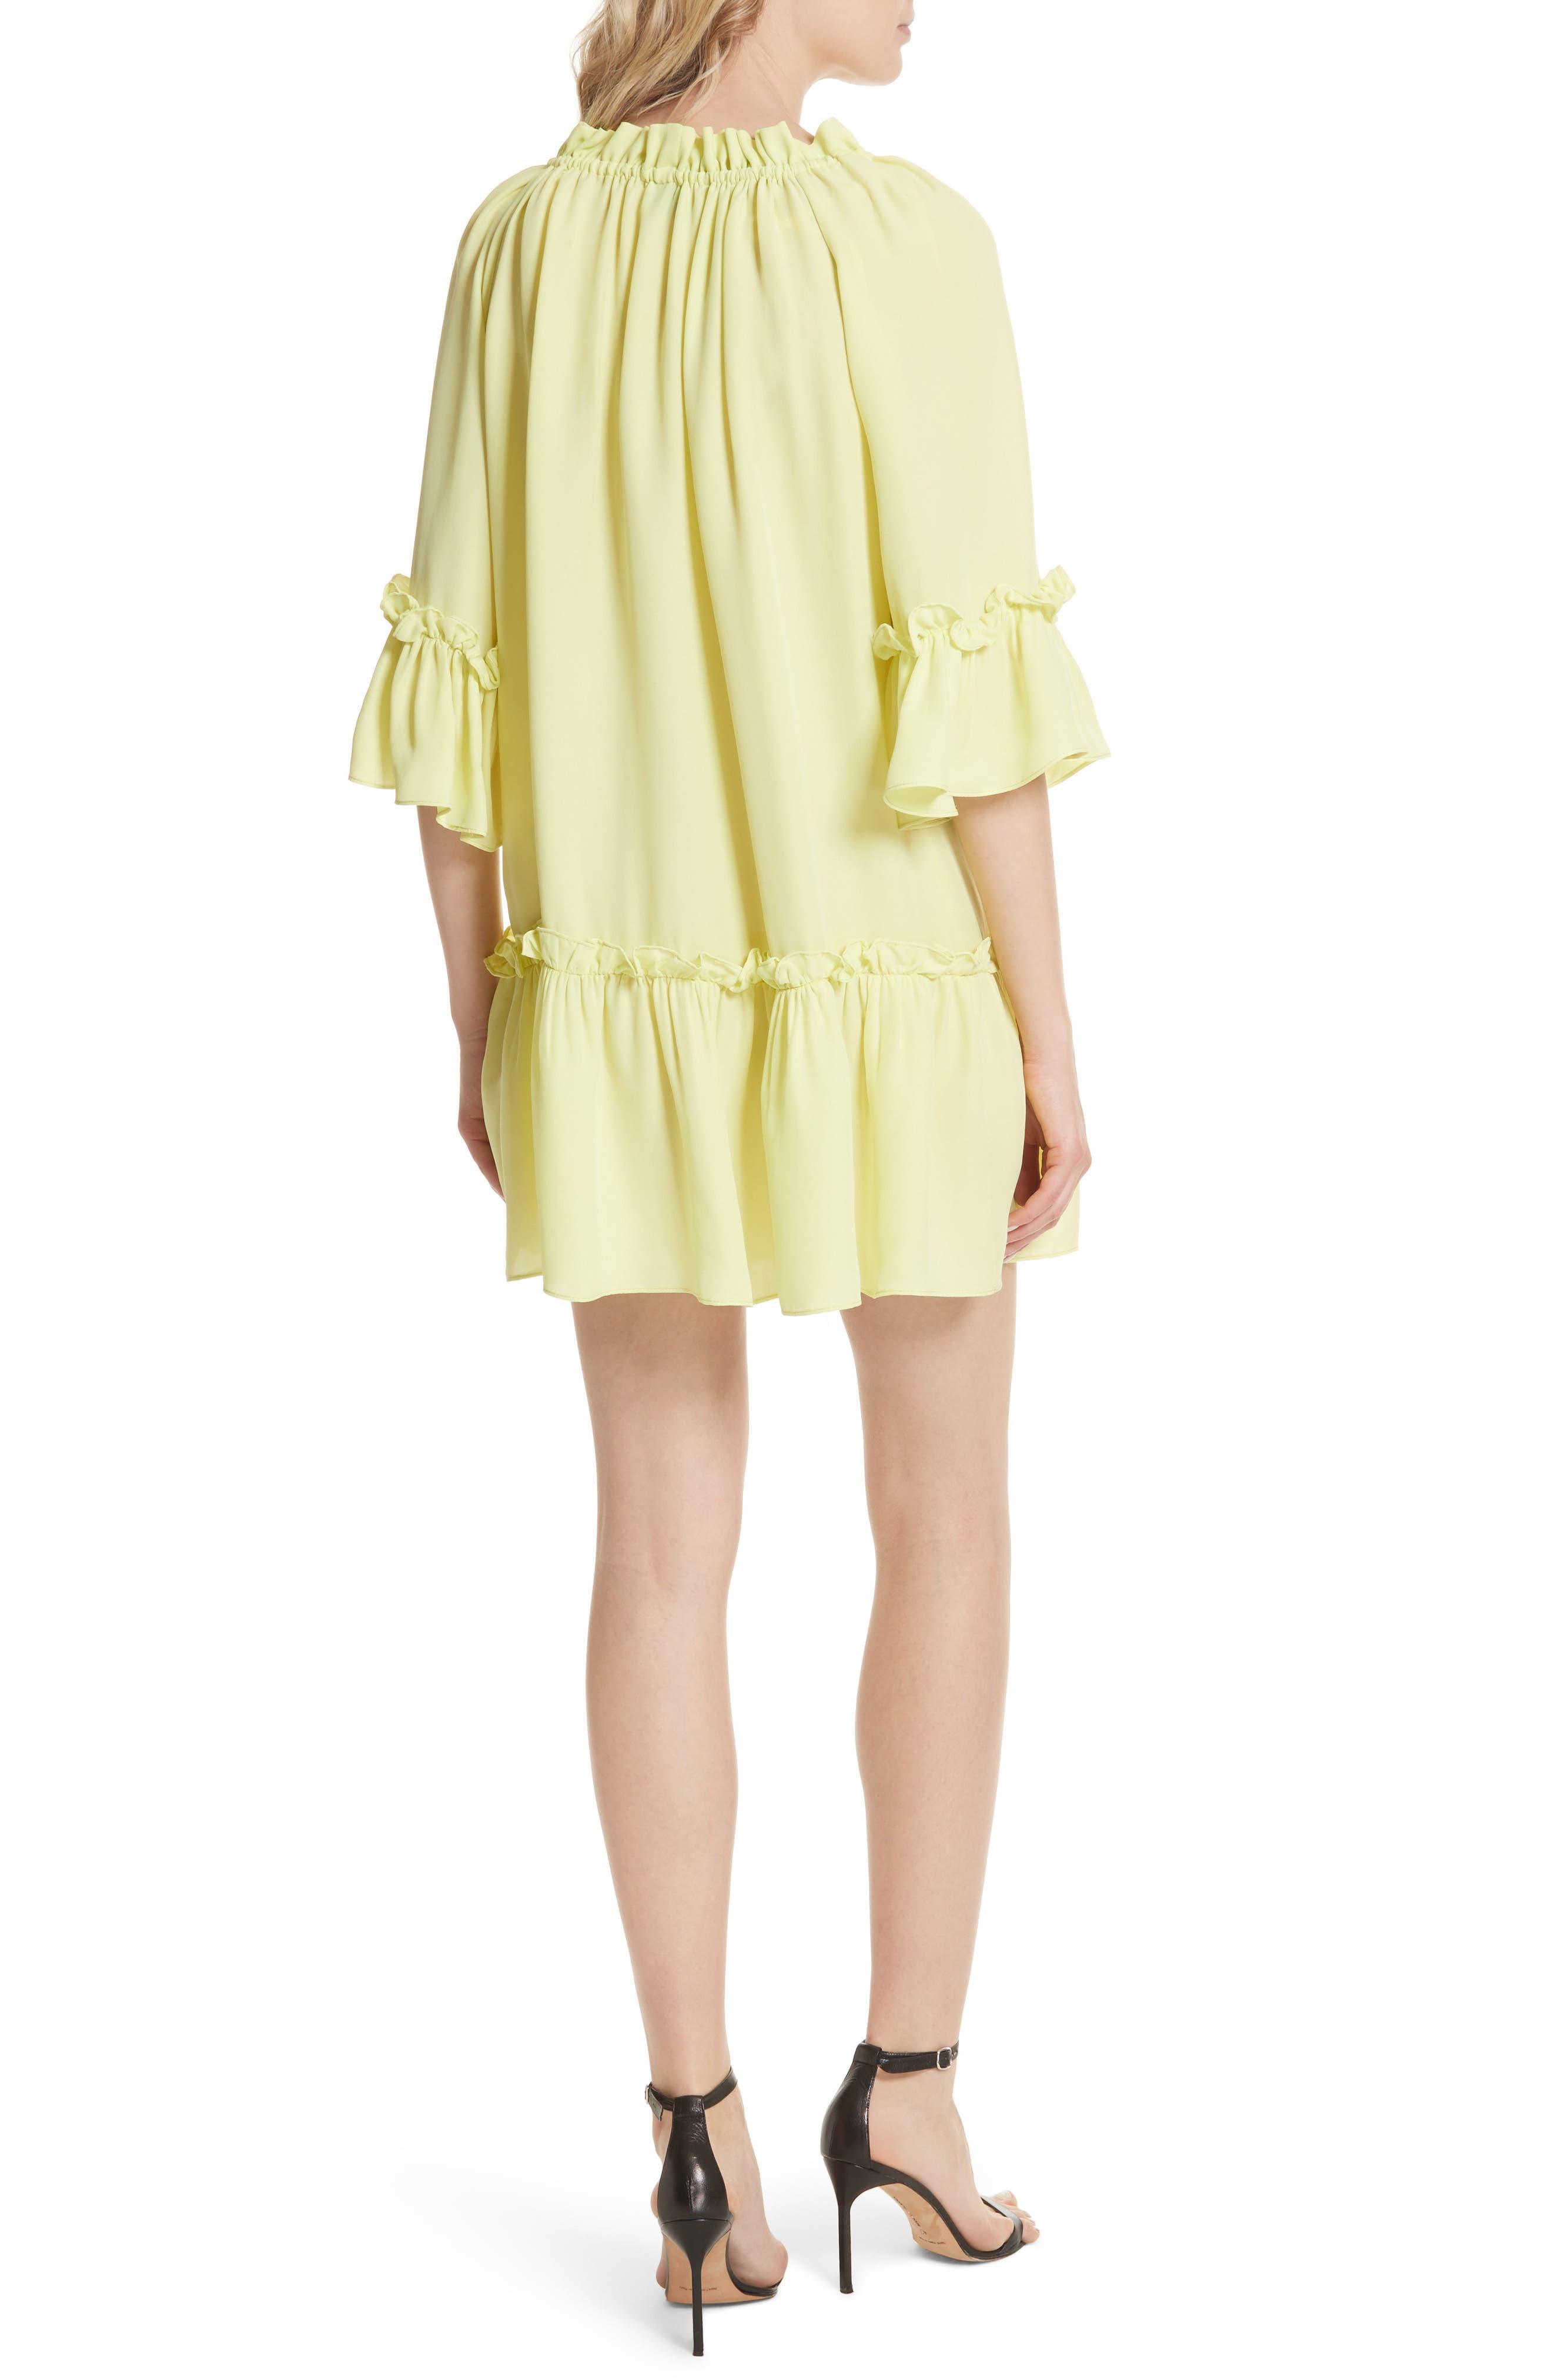 Santorini Ruffle Mini Dress,                             Alternate thumbnail 2, color,                             Lemon Yellow